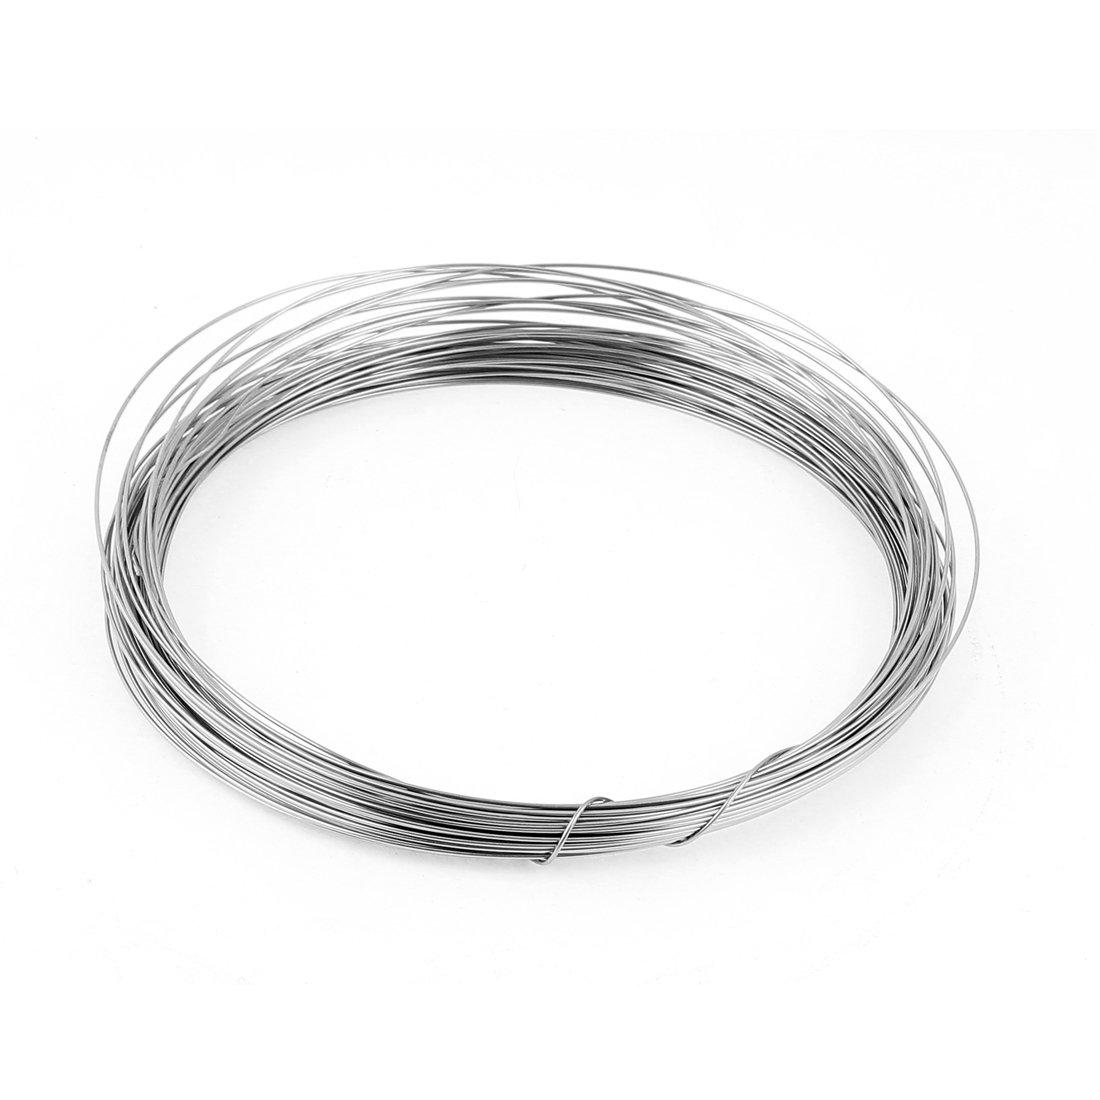 Acquisto sourcingmap® Filo tondo 1 mm di calibro 18 AWG 82ft per bobina di riscaldamento a filo riscaldatore Prezzi offerte